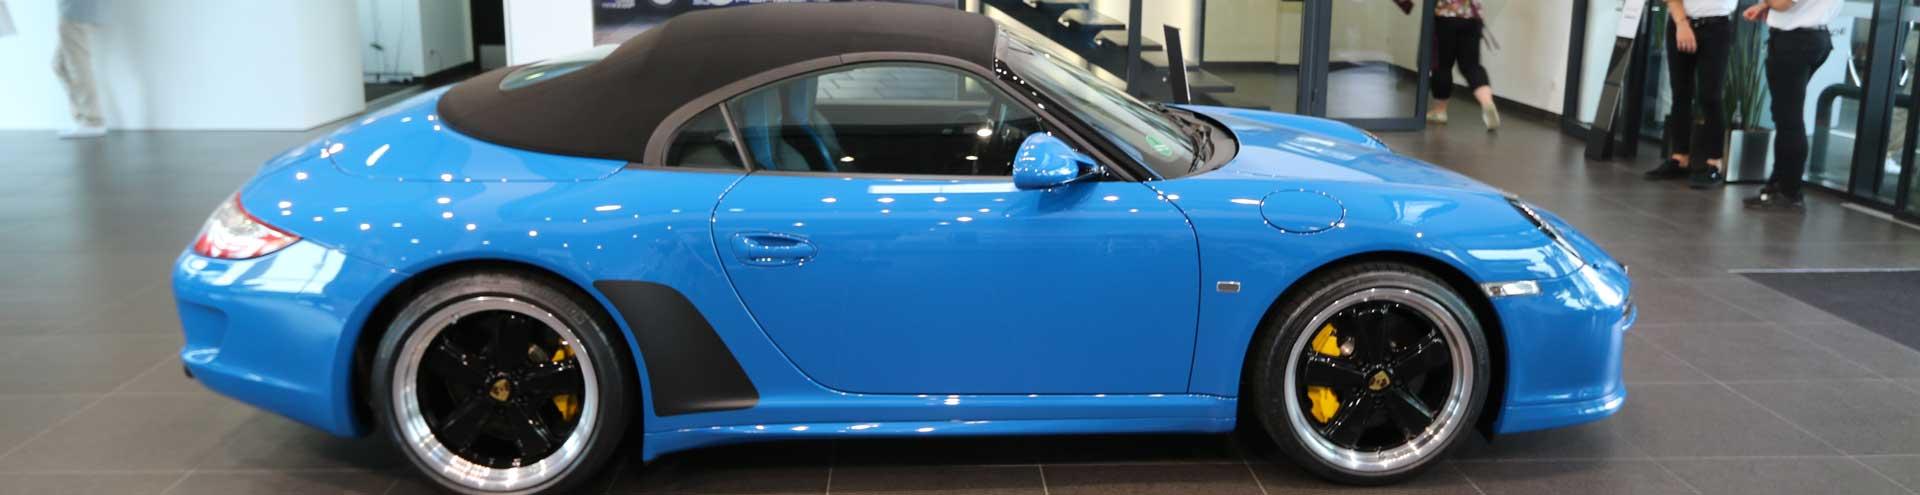 Vous souhaitez changer d'assurance pour votre Porsche ? Comment faire ?